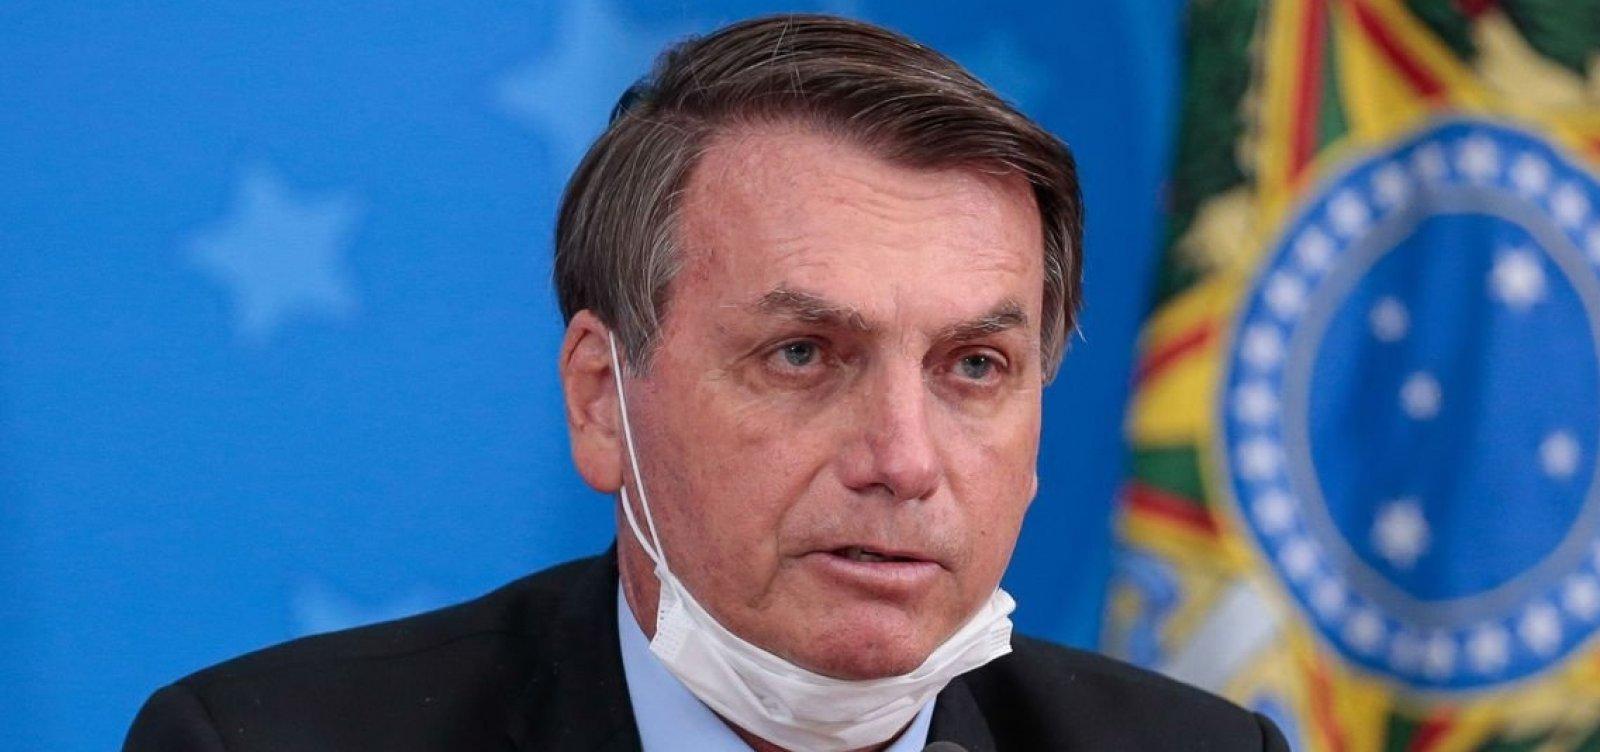 ['Quem decide se um povo vai viver na democracia ou na ditadura são as suas Forças Armadas', diz Bolsonaro]